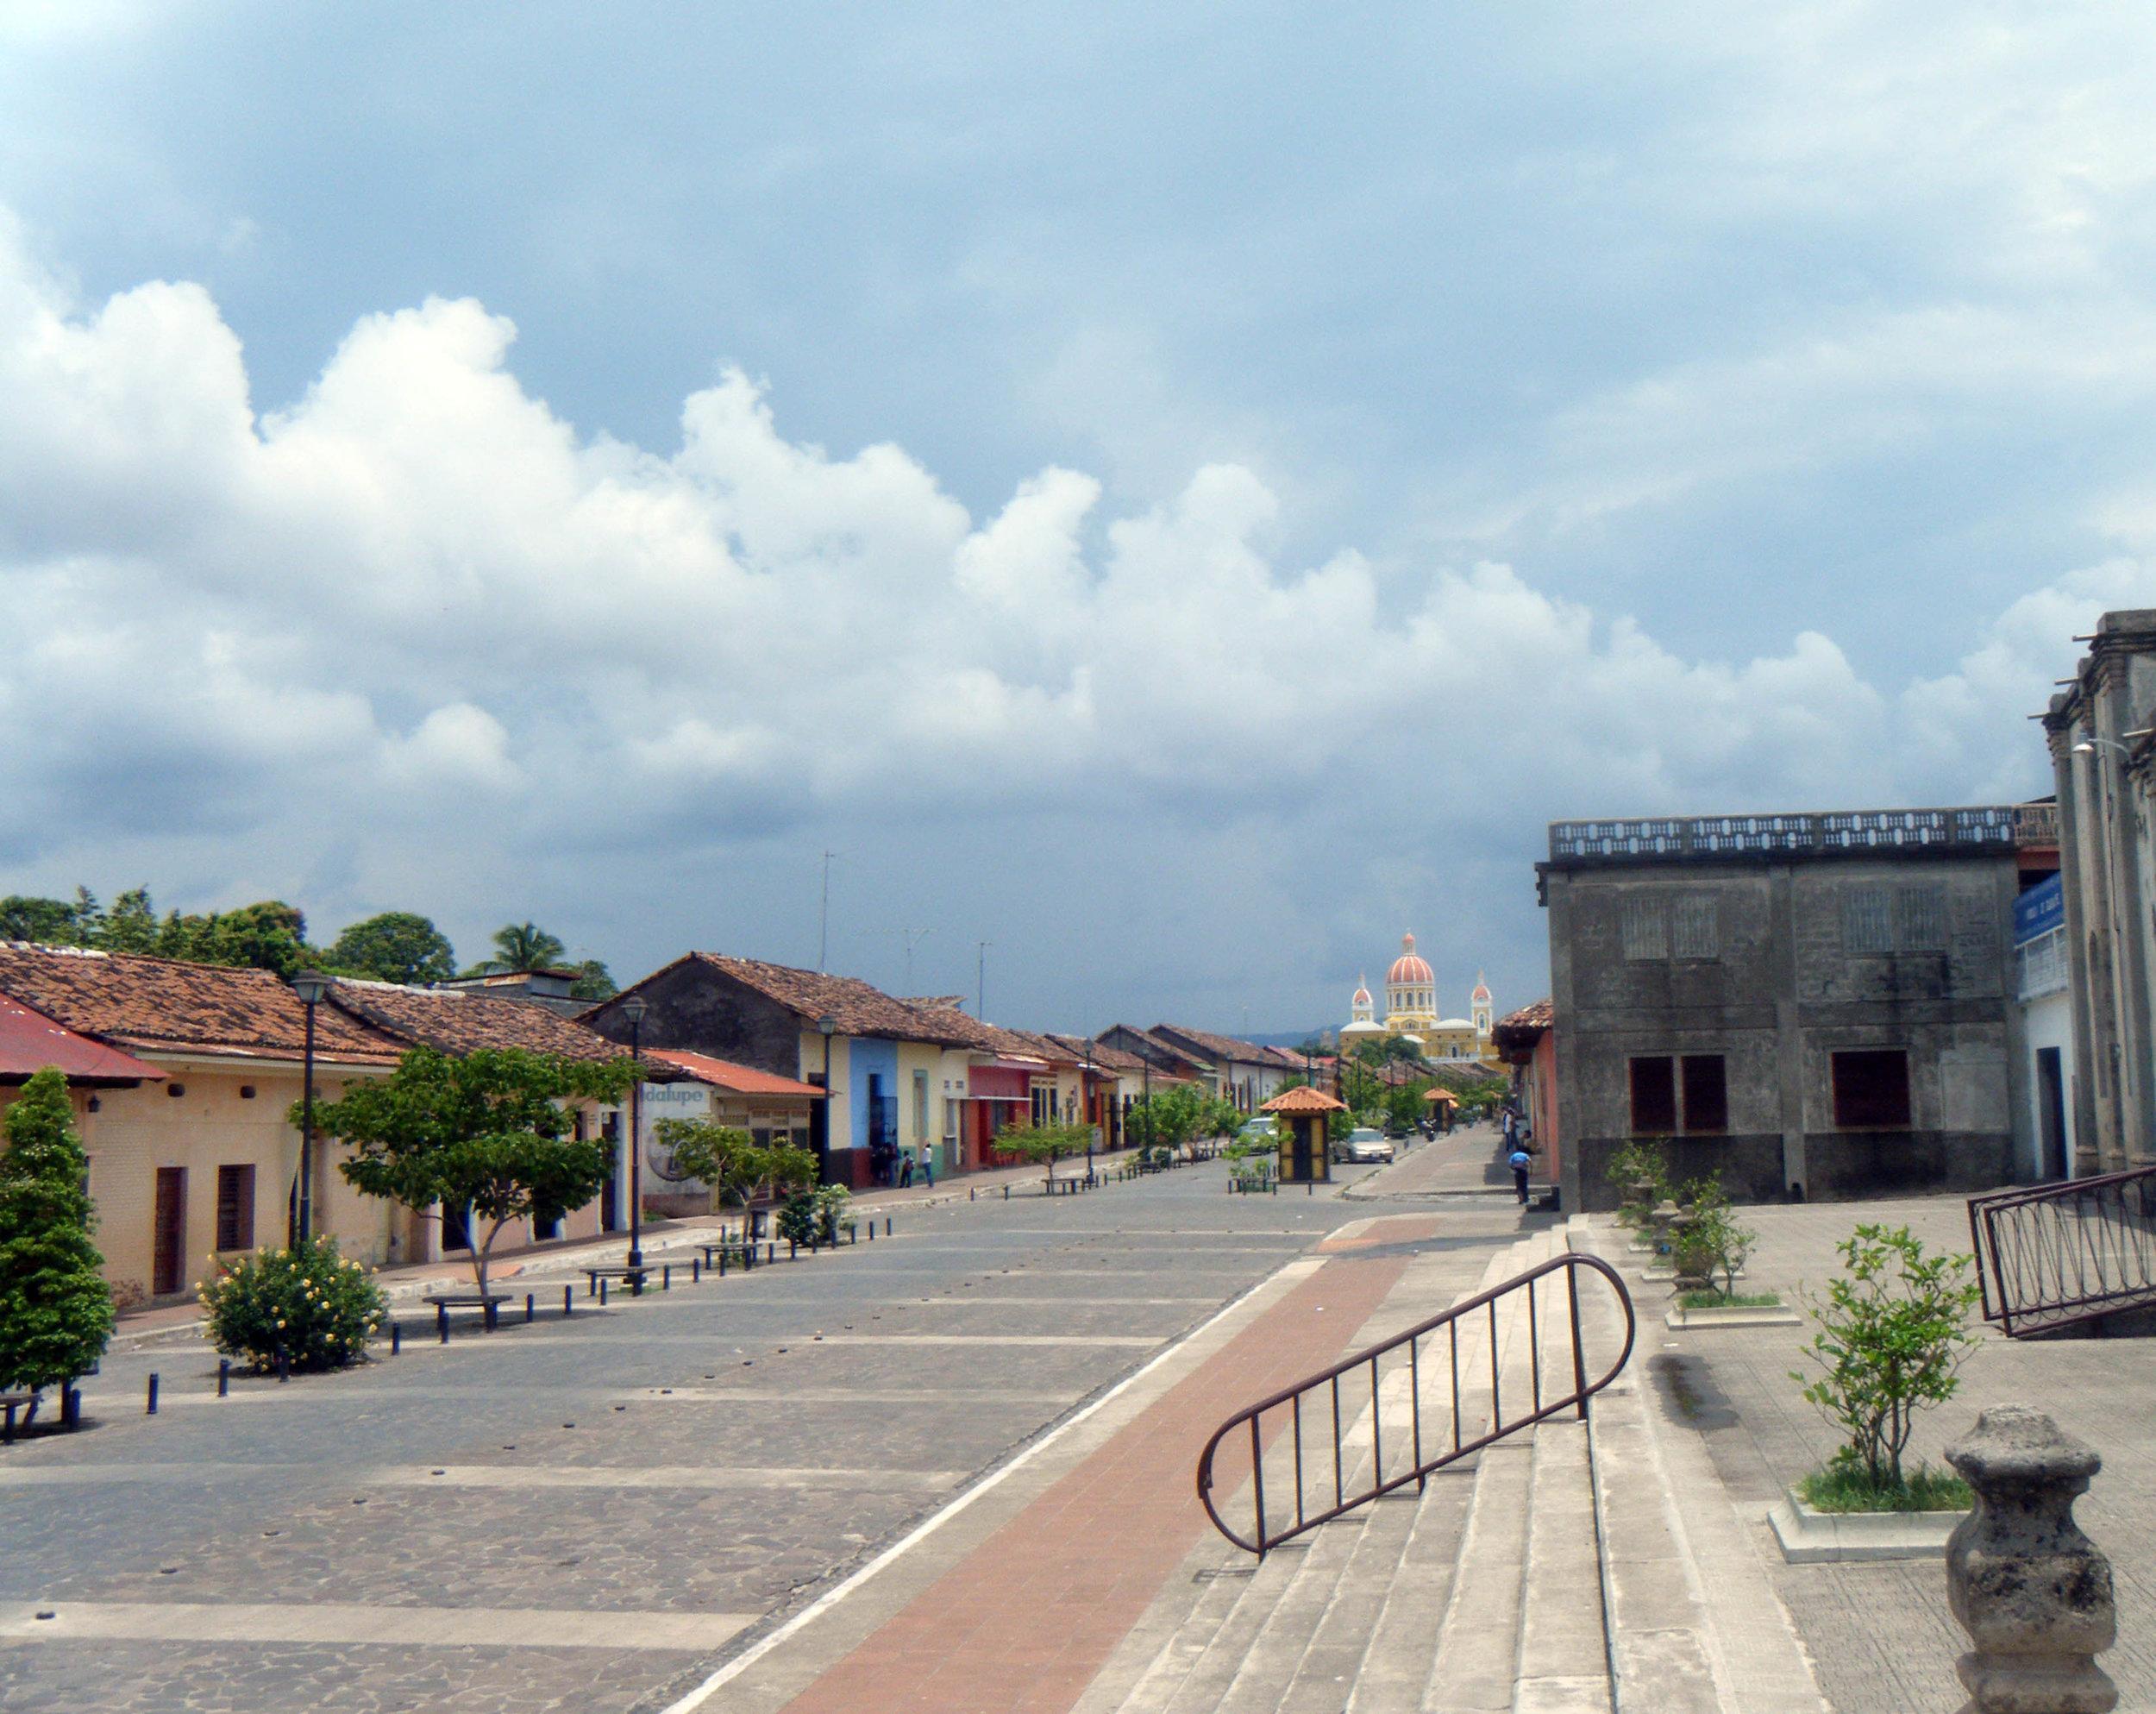 La Calzada.jpg